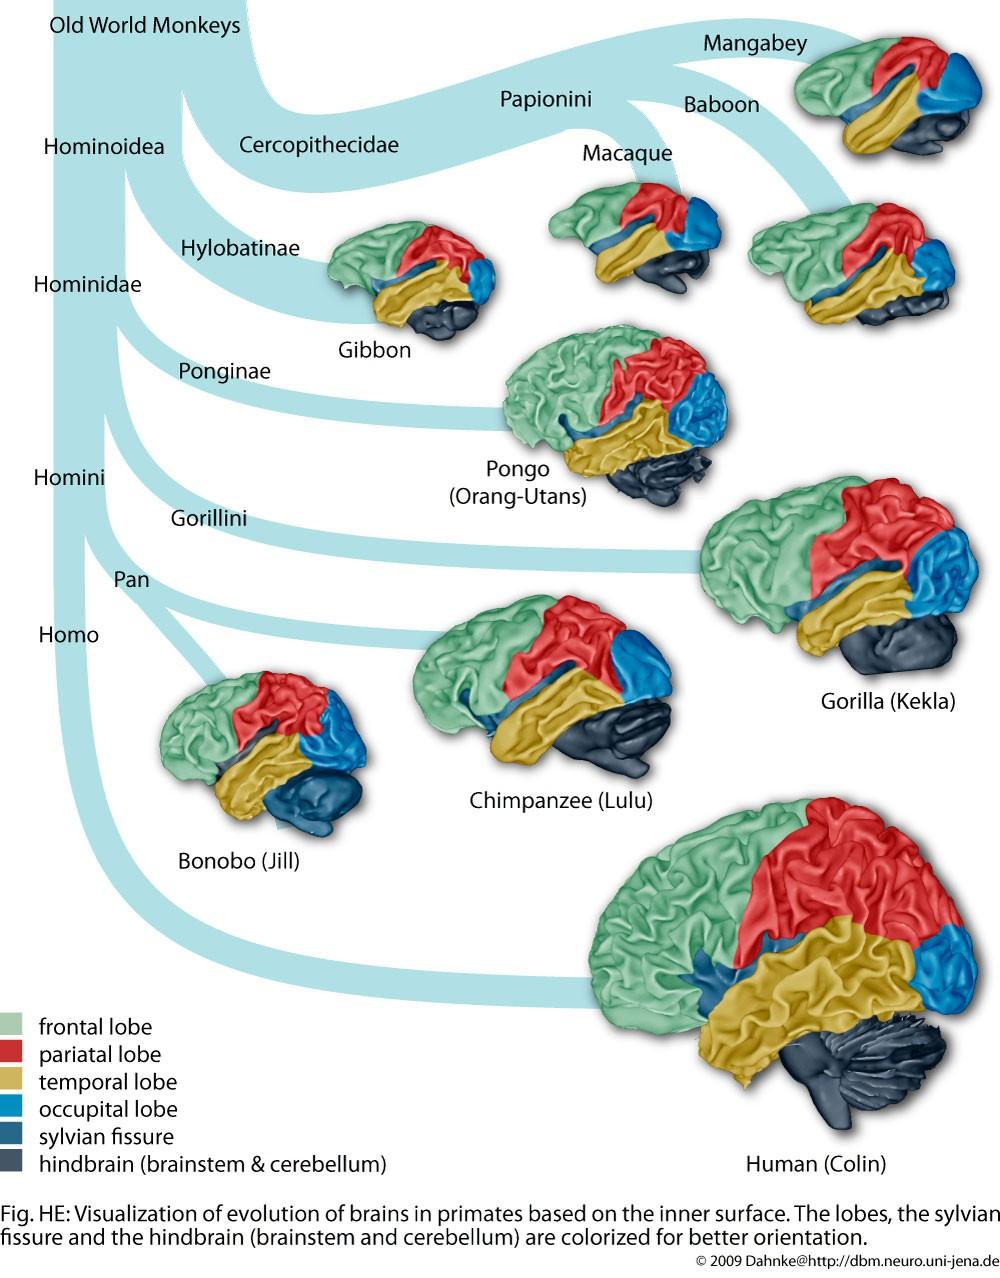 Yine insan beyninin evrimini, hem de farklı beyin bölgelerini de aynı grafik üzerinde gösterebilen harika bir görsel...